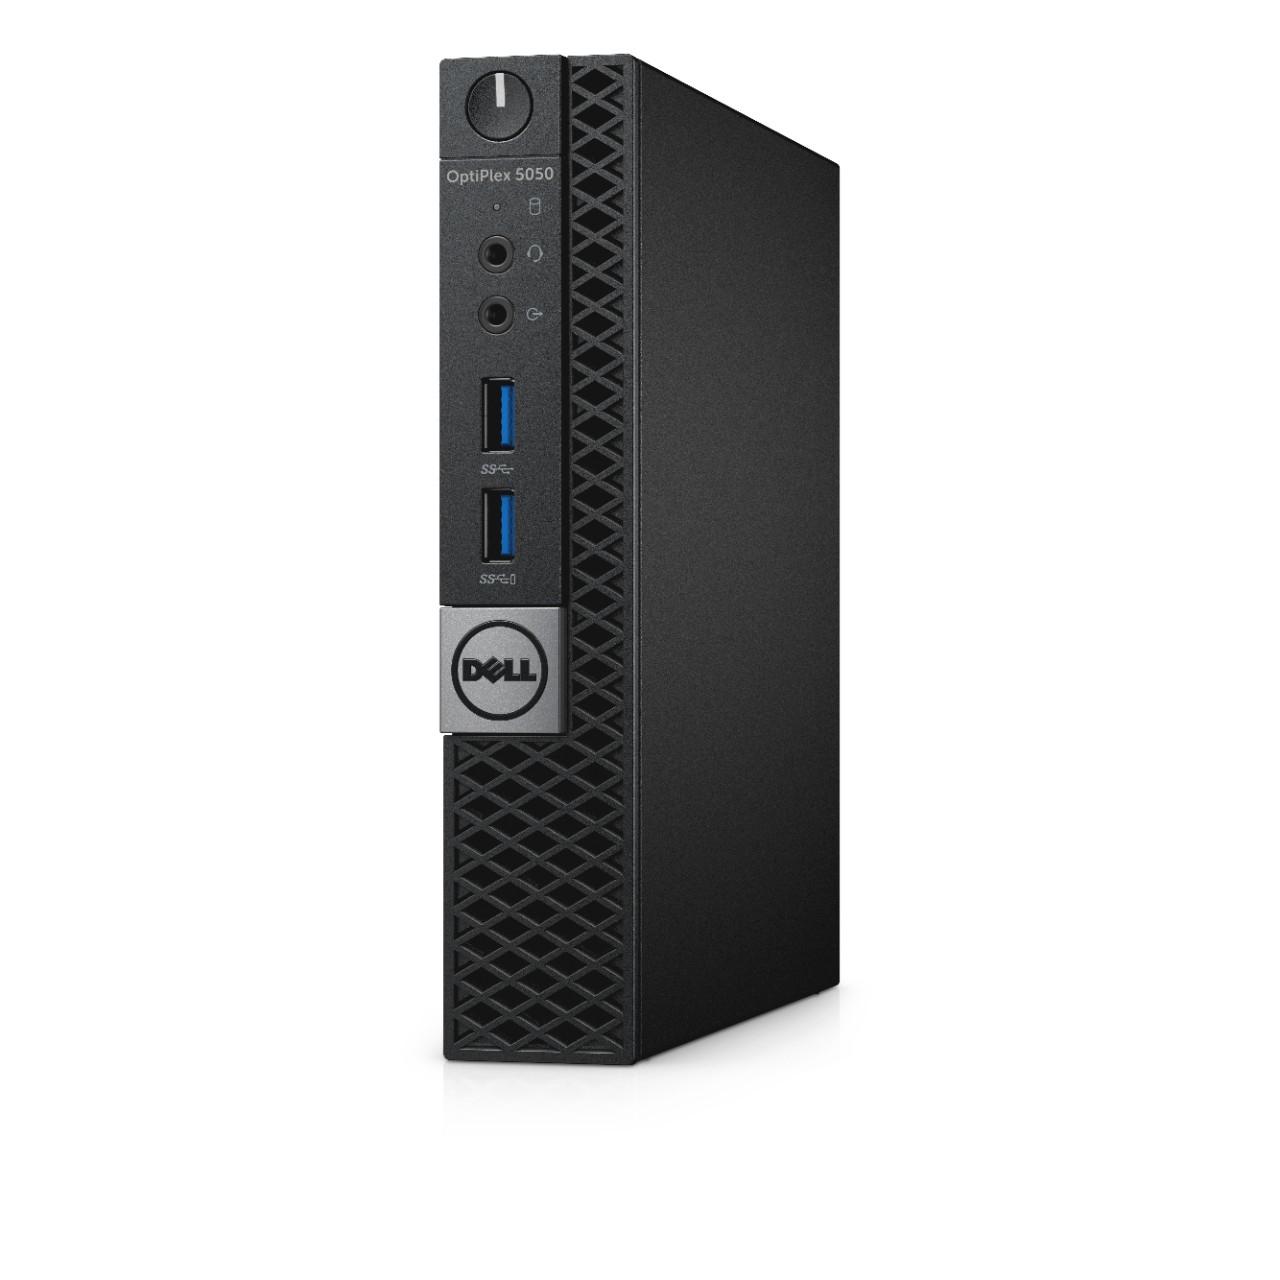 DELL OptiPlex 5050 2.7GHz i5-7500T PC di dimensione 1,2L Nero Mini PC